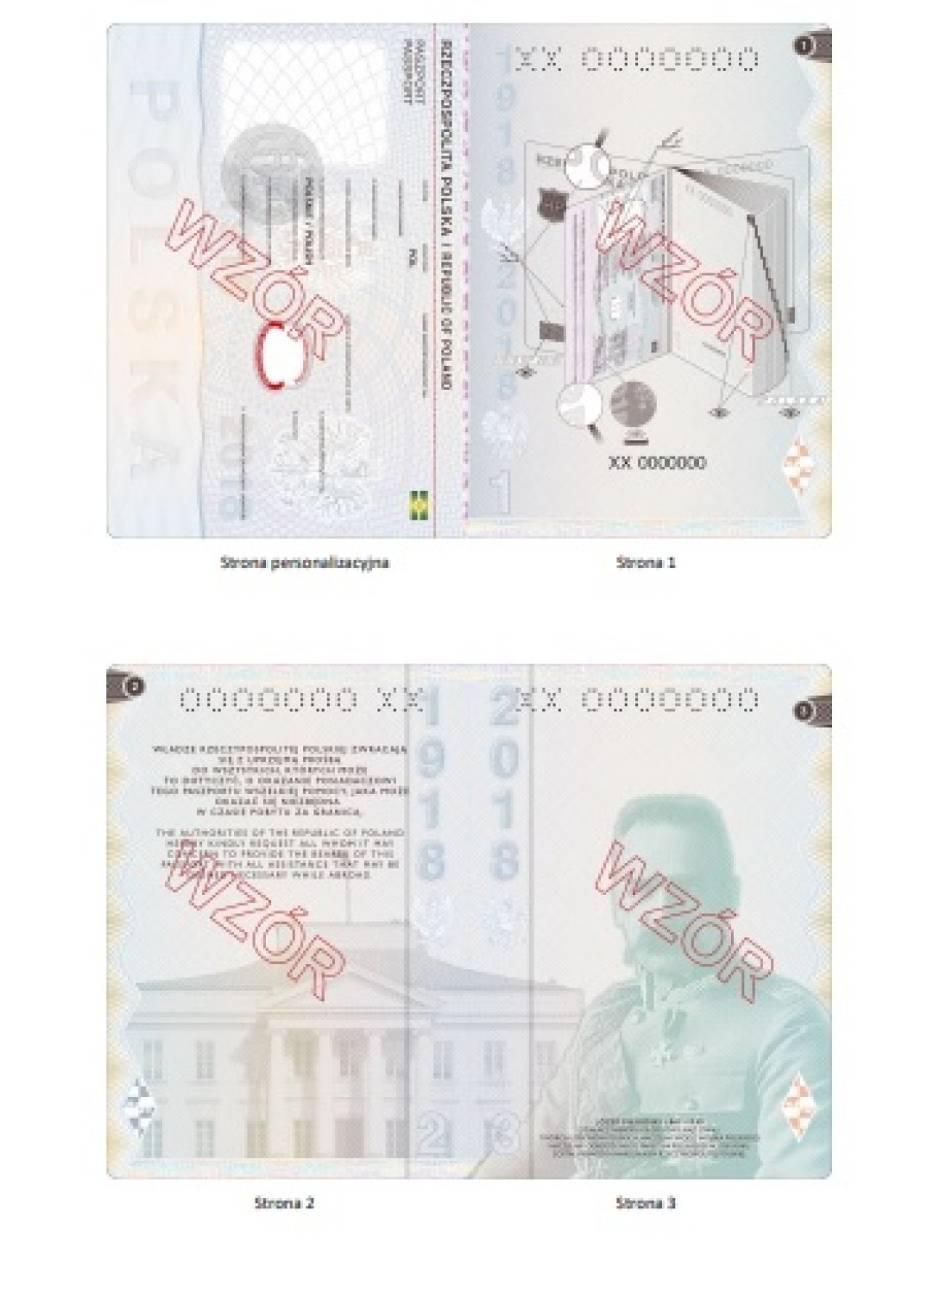 Nowe paszporty - ruszyło przyjmowanie wniosków. Na ilustracjach m.in. Bitwa Warszawska